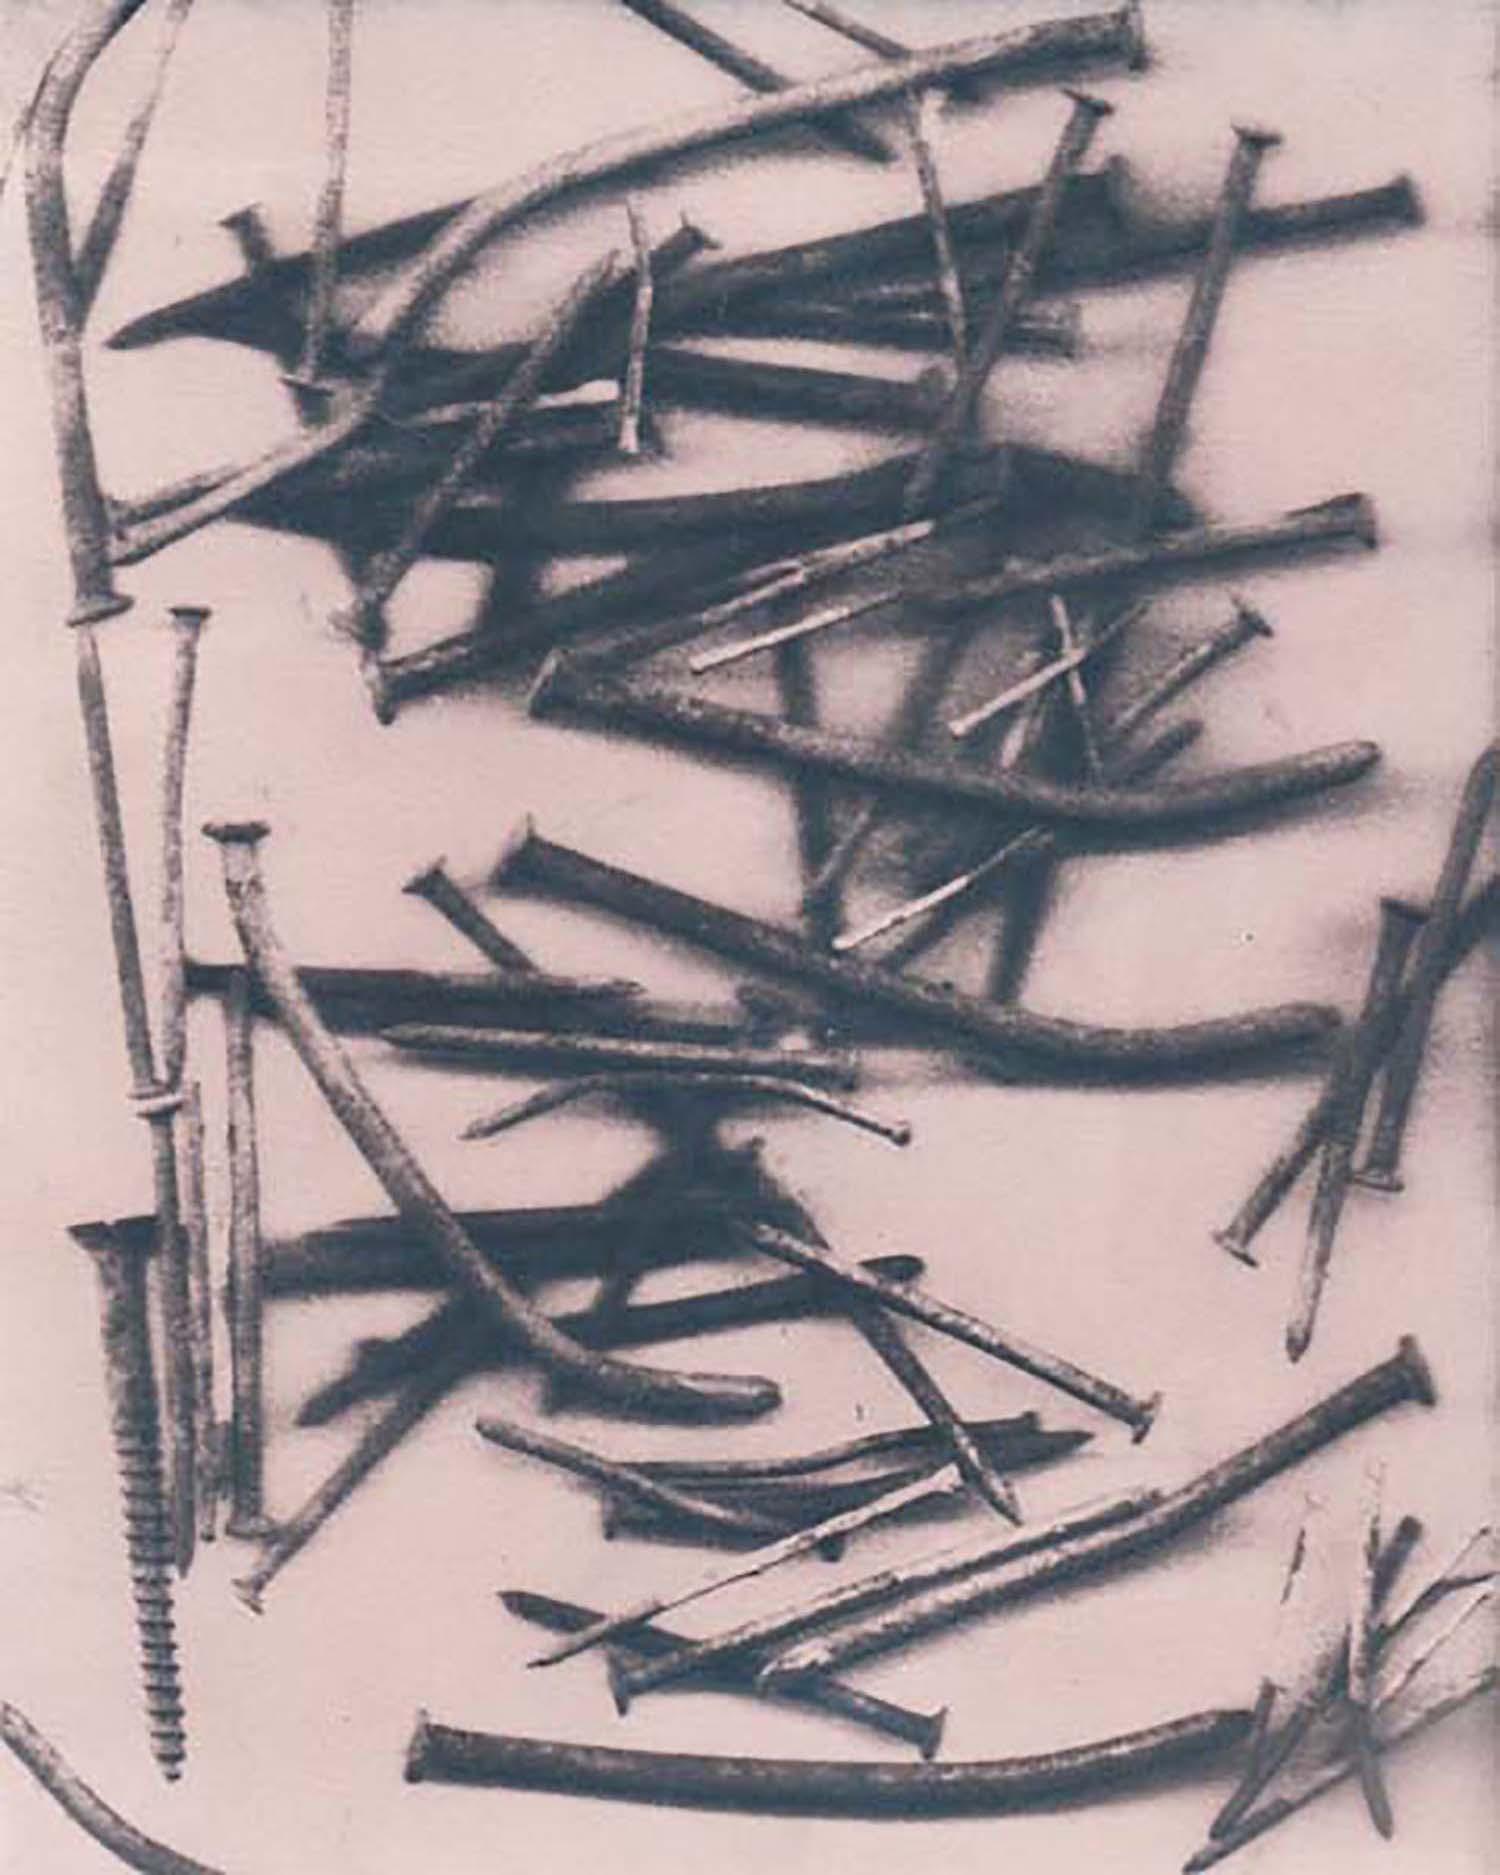 encaustic_woodandnails_#9.jpg